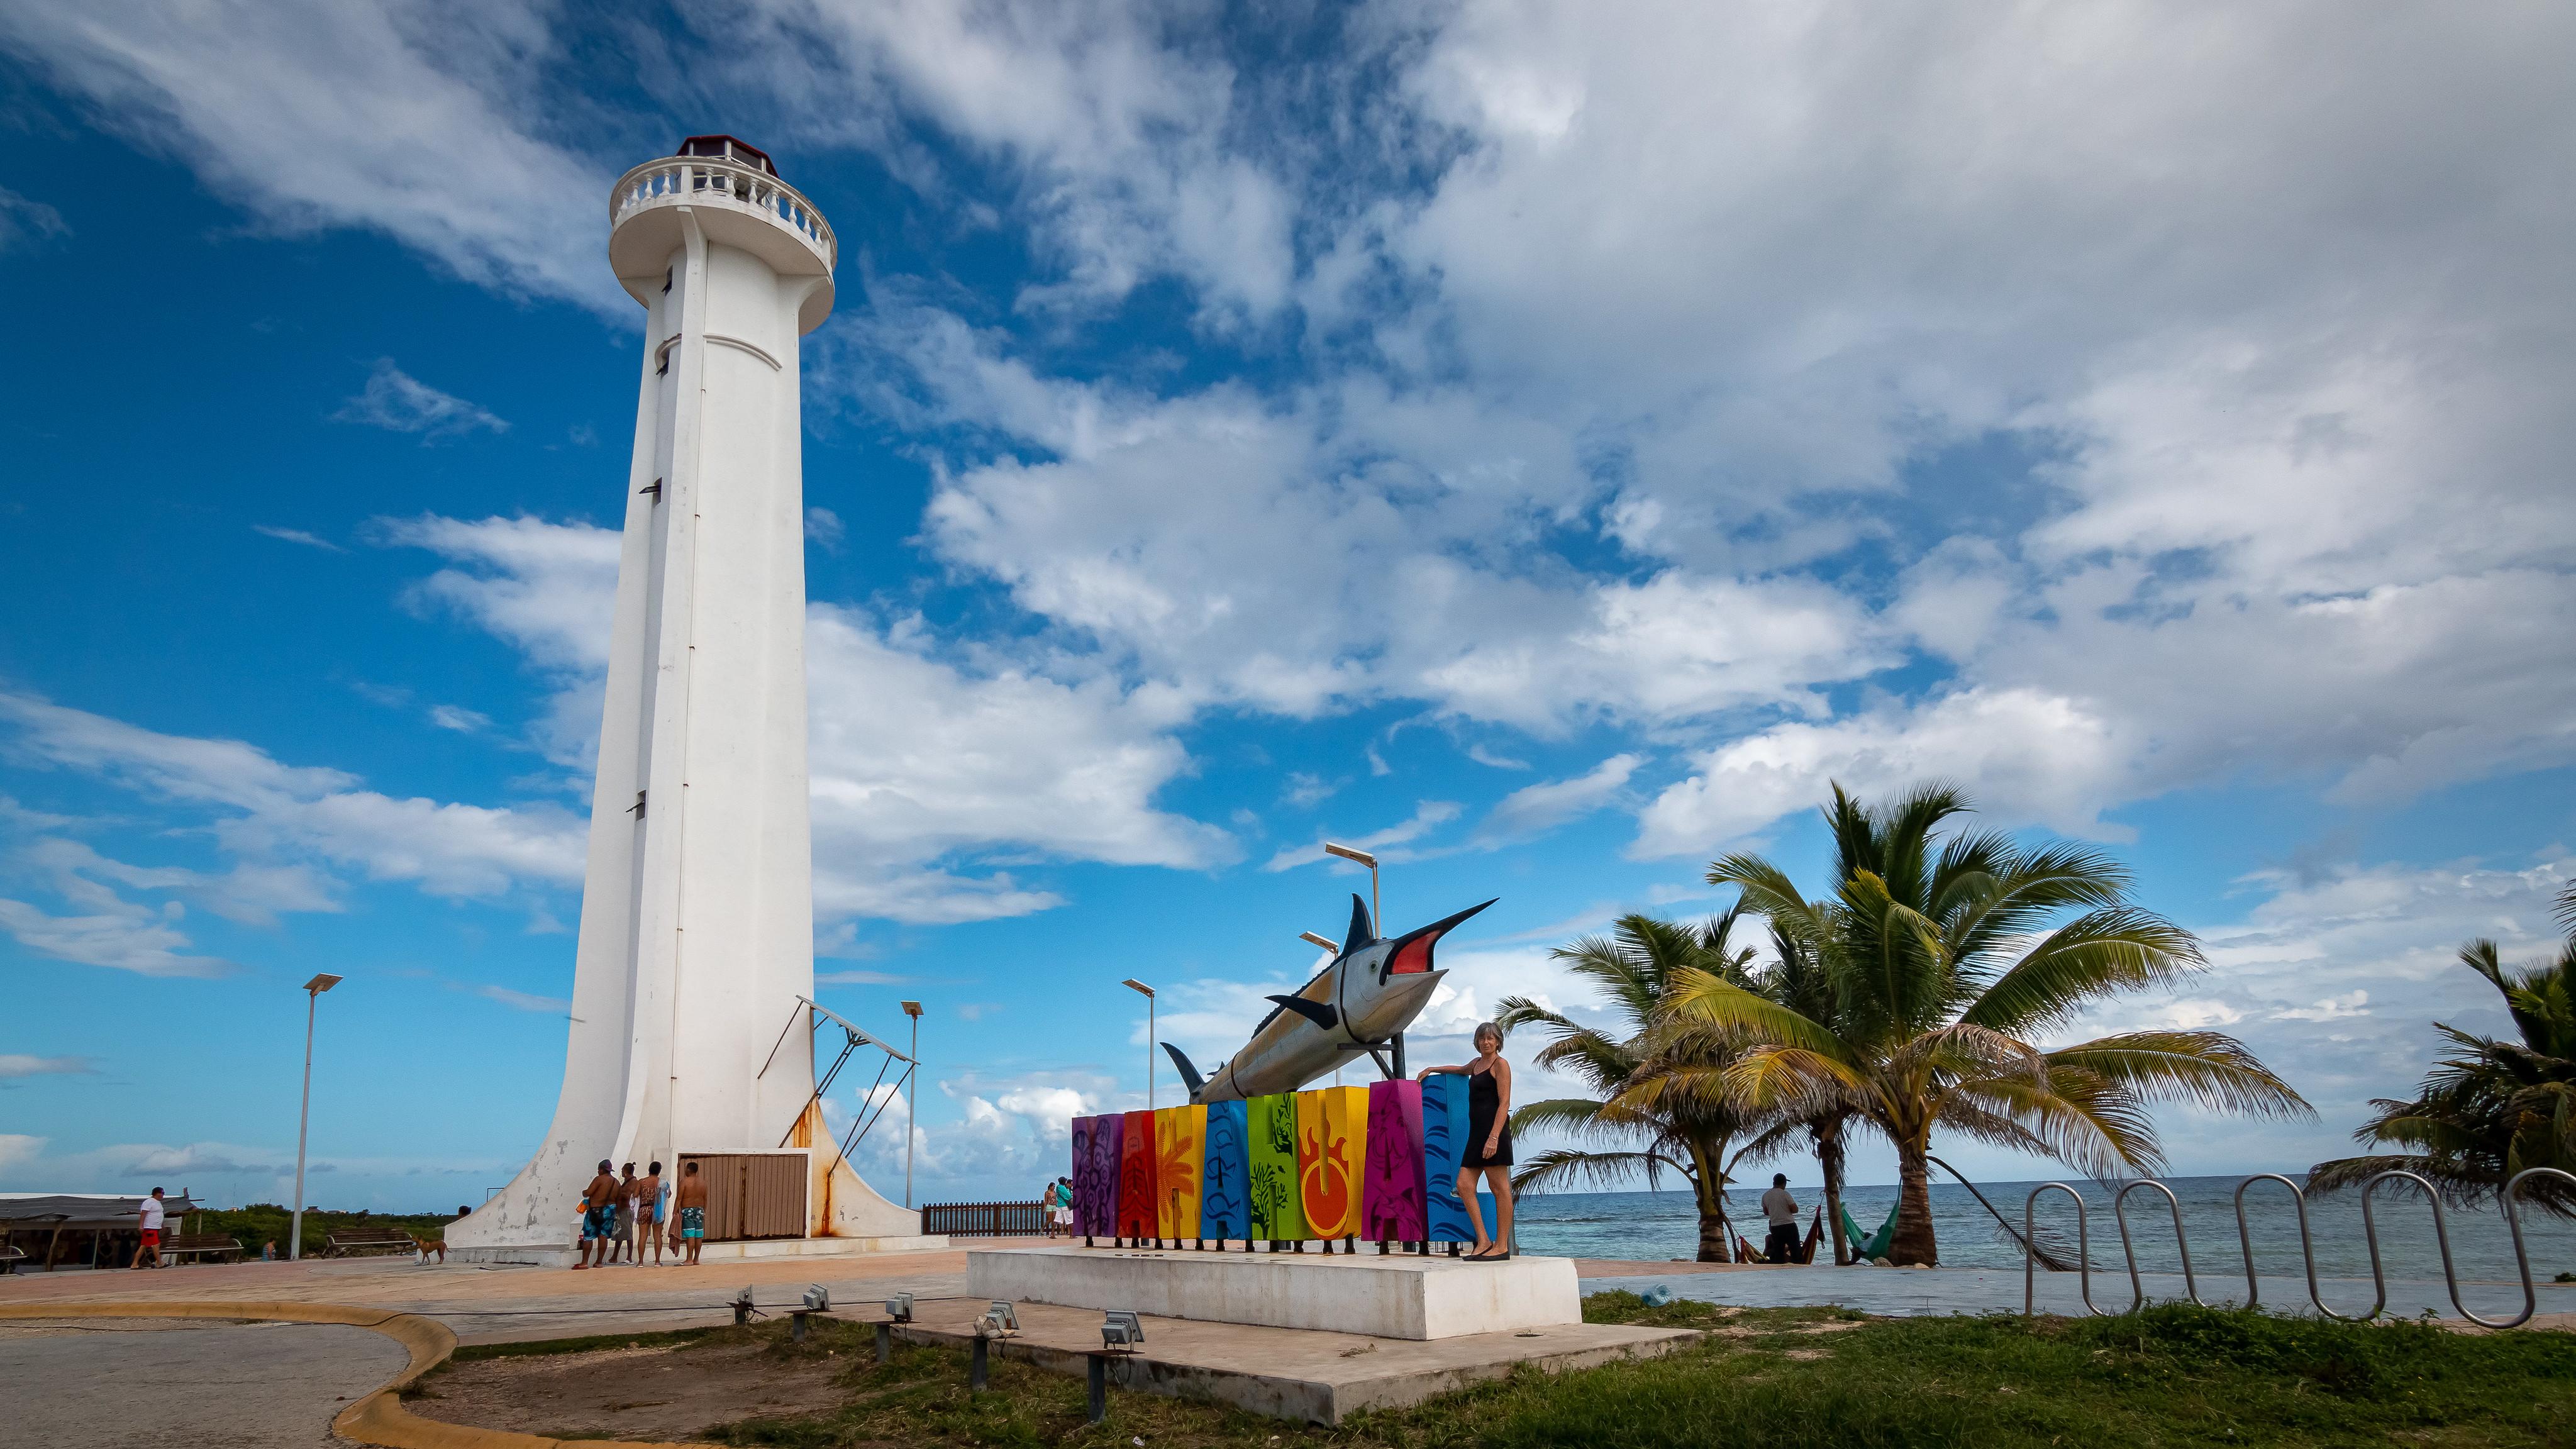 Mahahual - Quintana Roo - [Mexique]